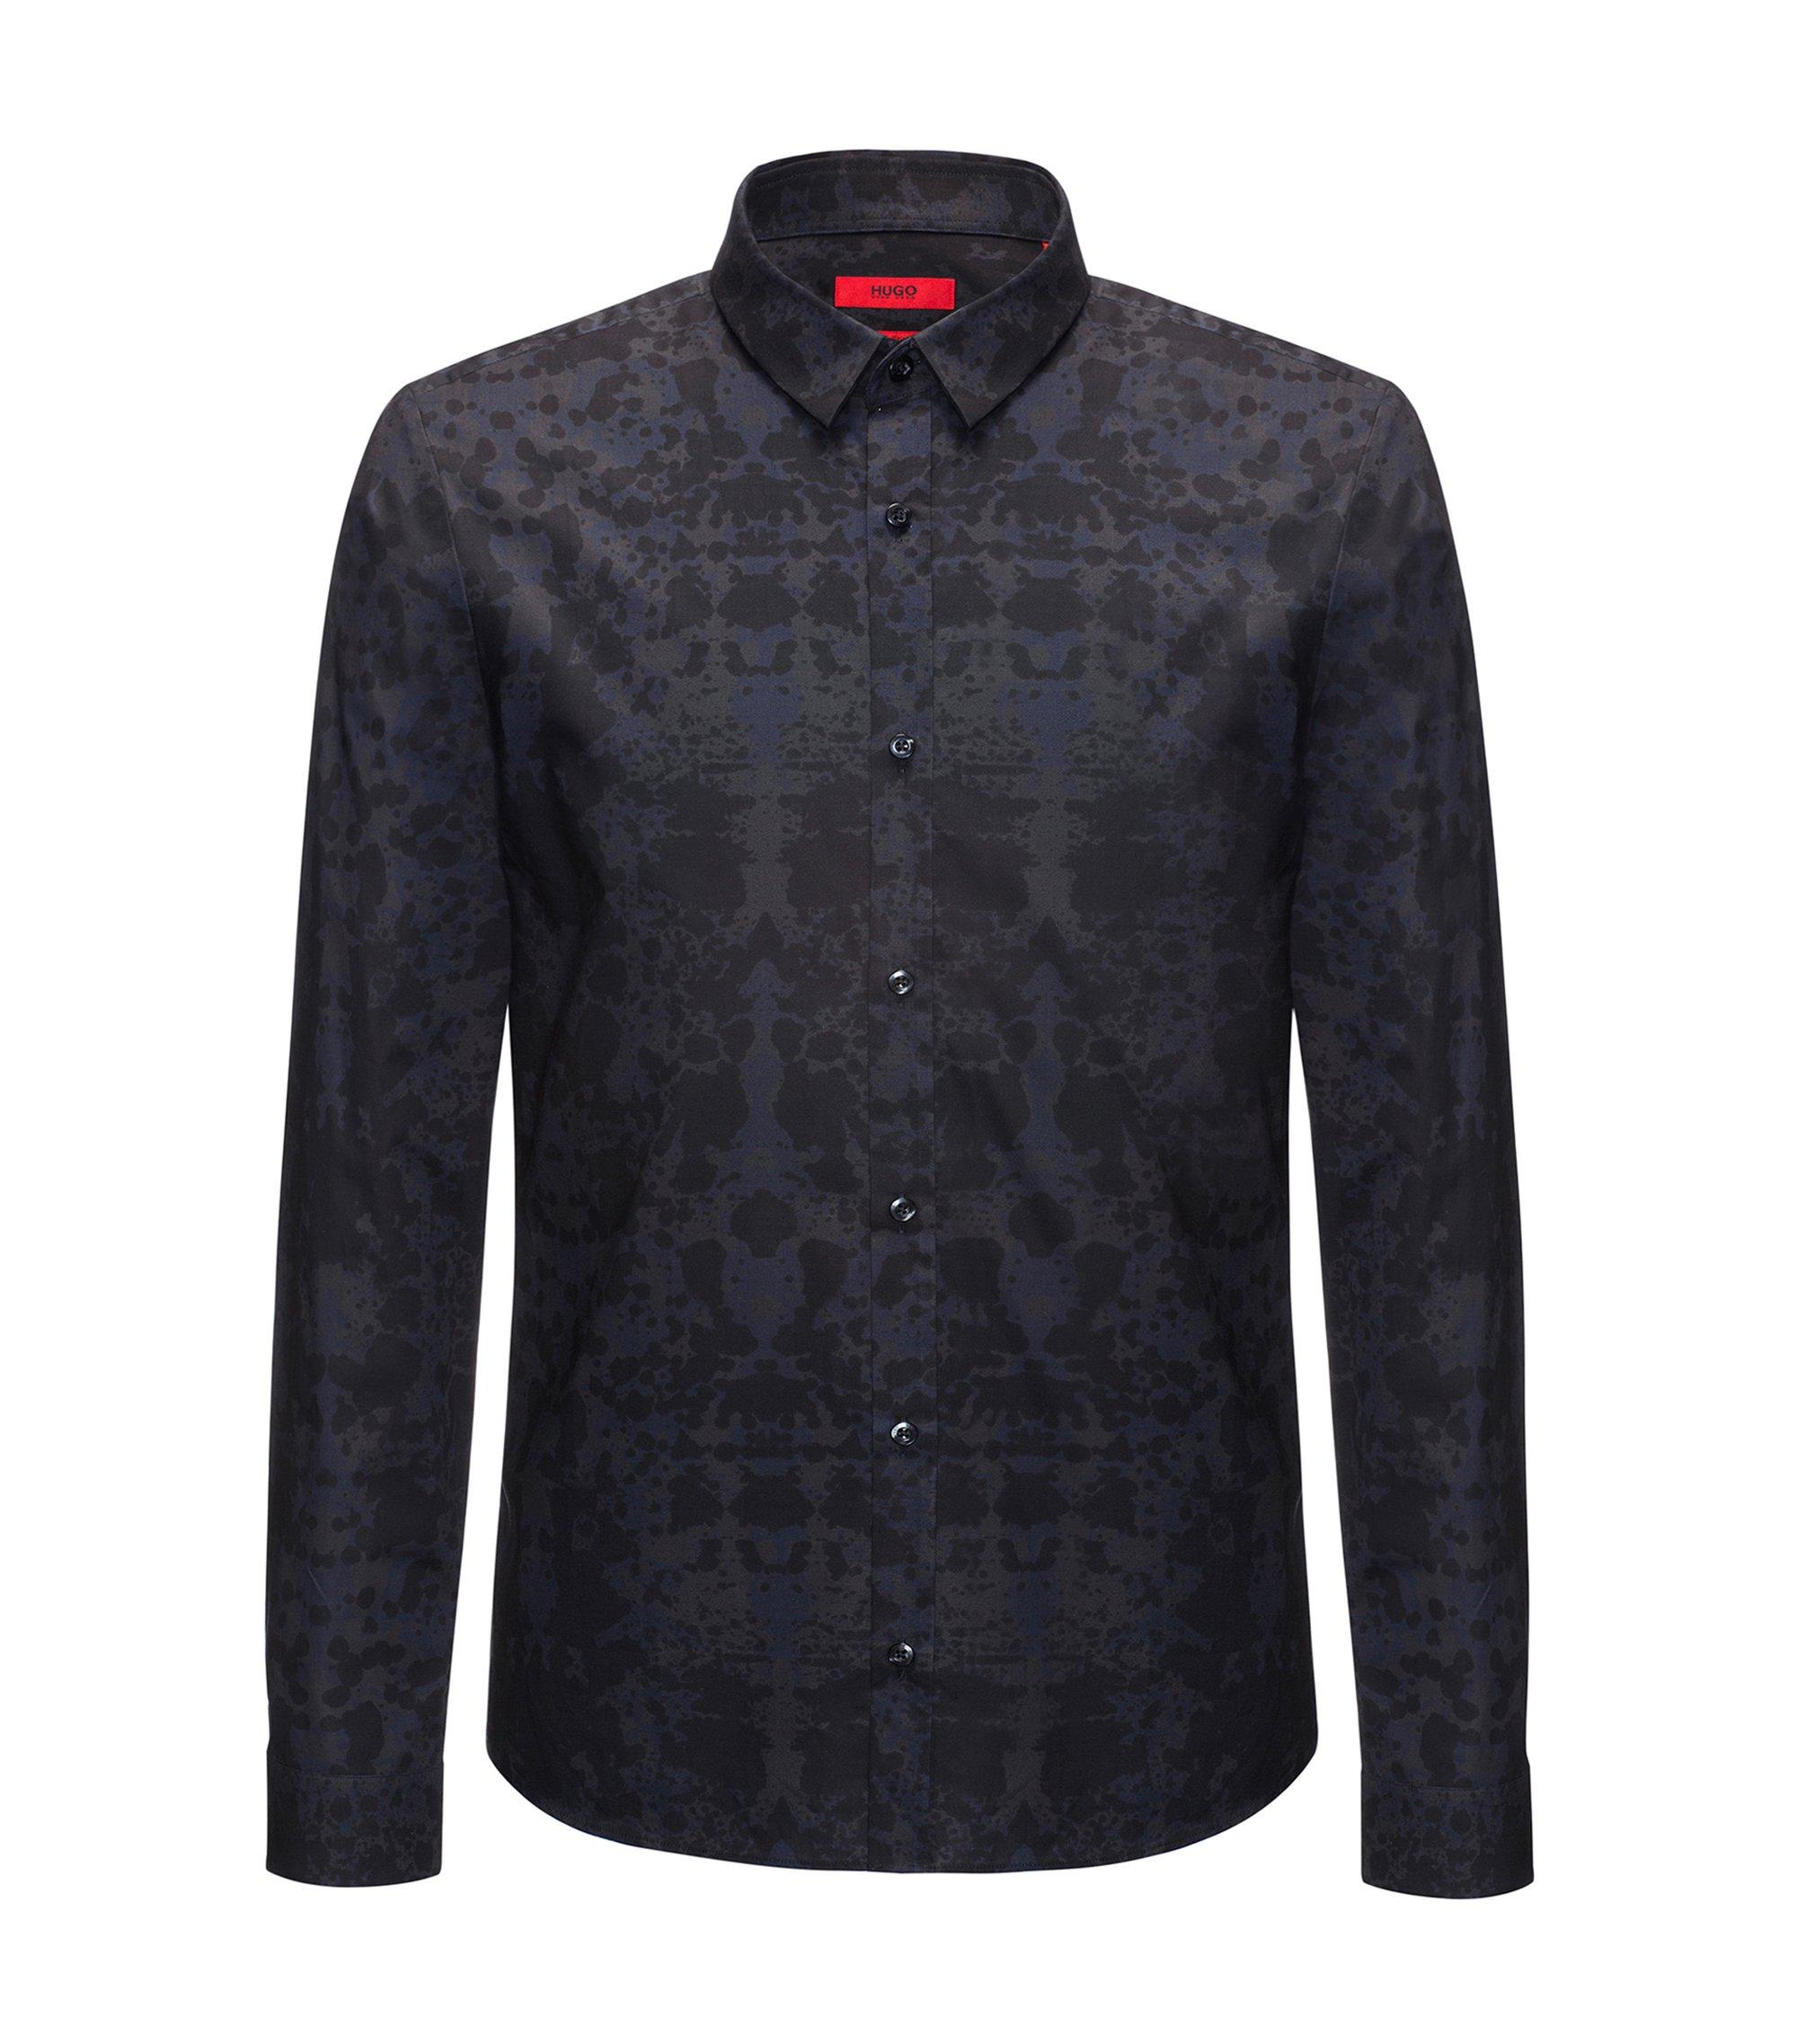 Rorschach-Print Cotton Sport Shirt, Extra Slim Fit | Ero, Dark Blue